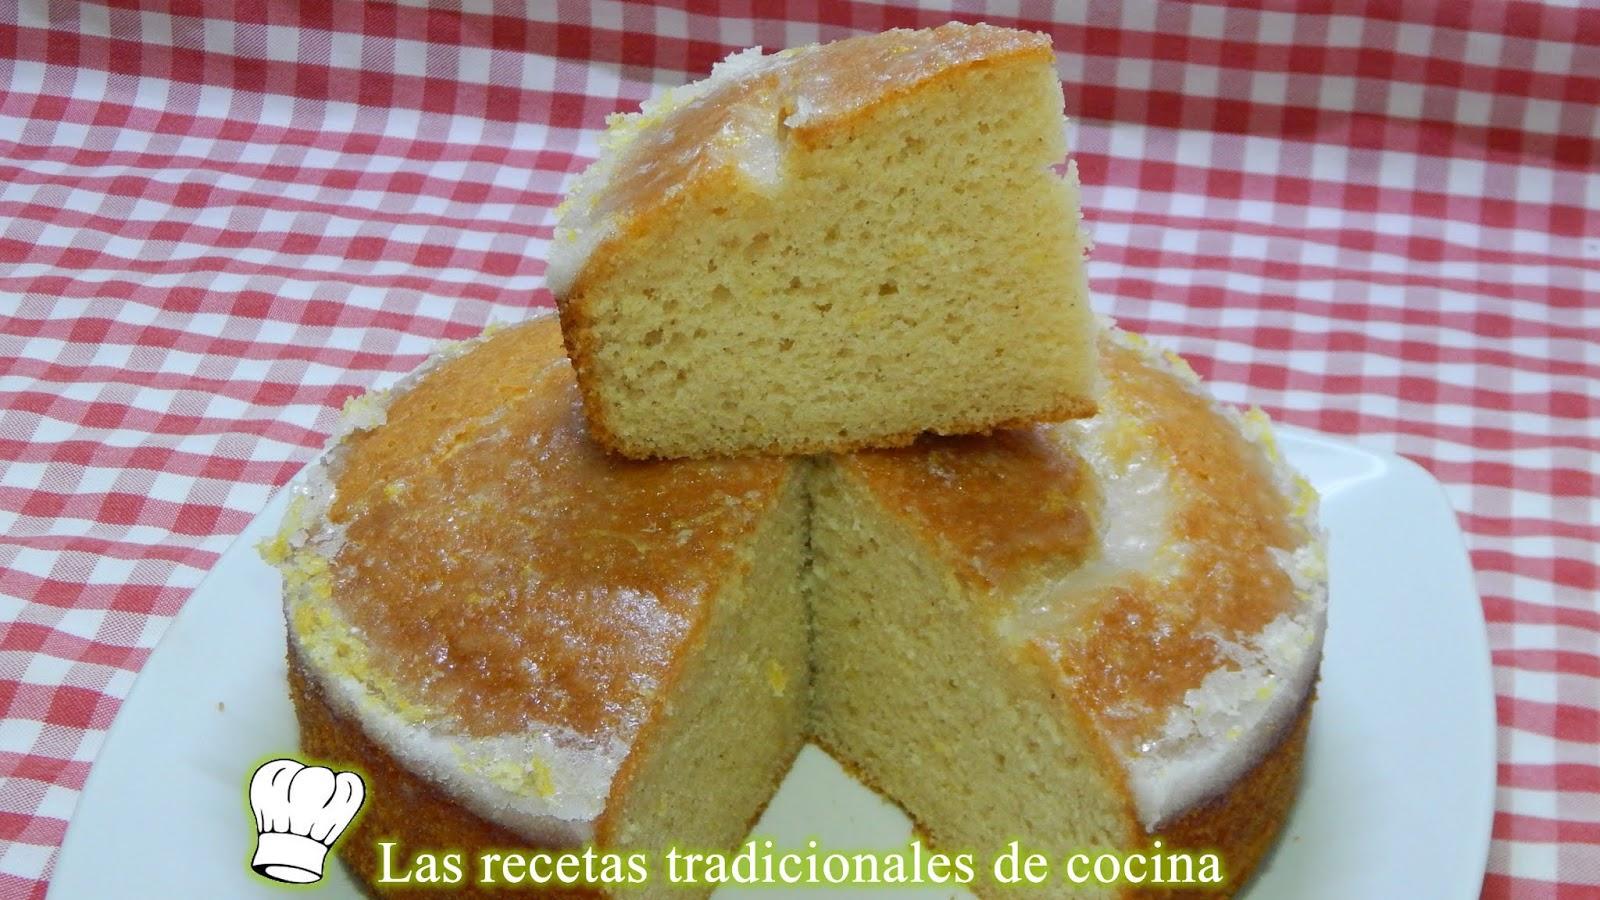 Receta Fácil De Bizcocho De Limón Y Canela Muy Esponjoso Y Con Glasa De Limón